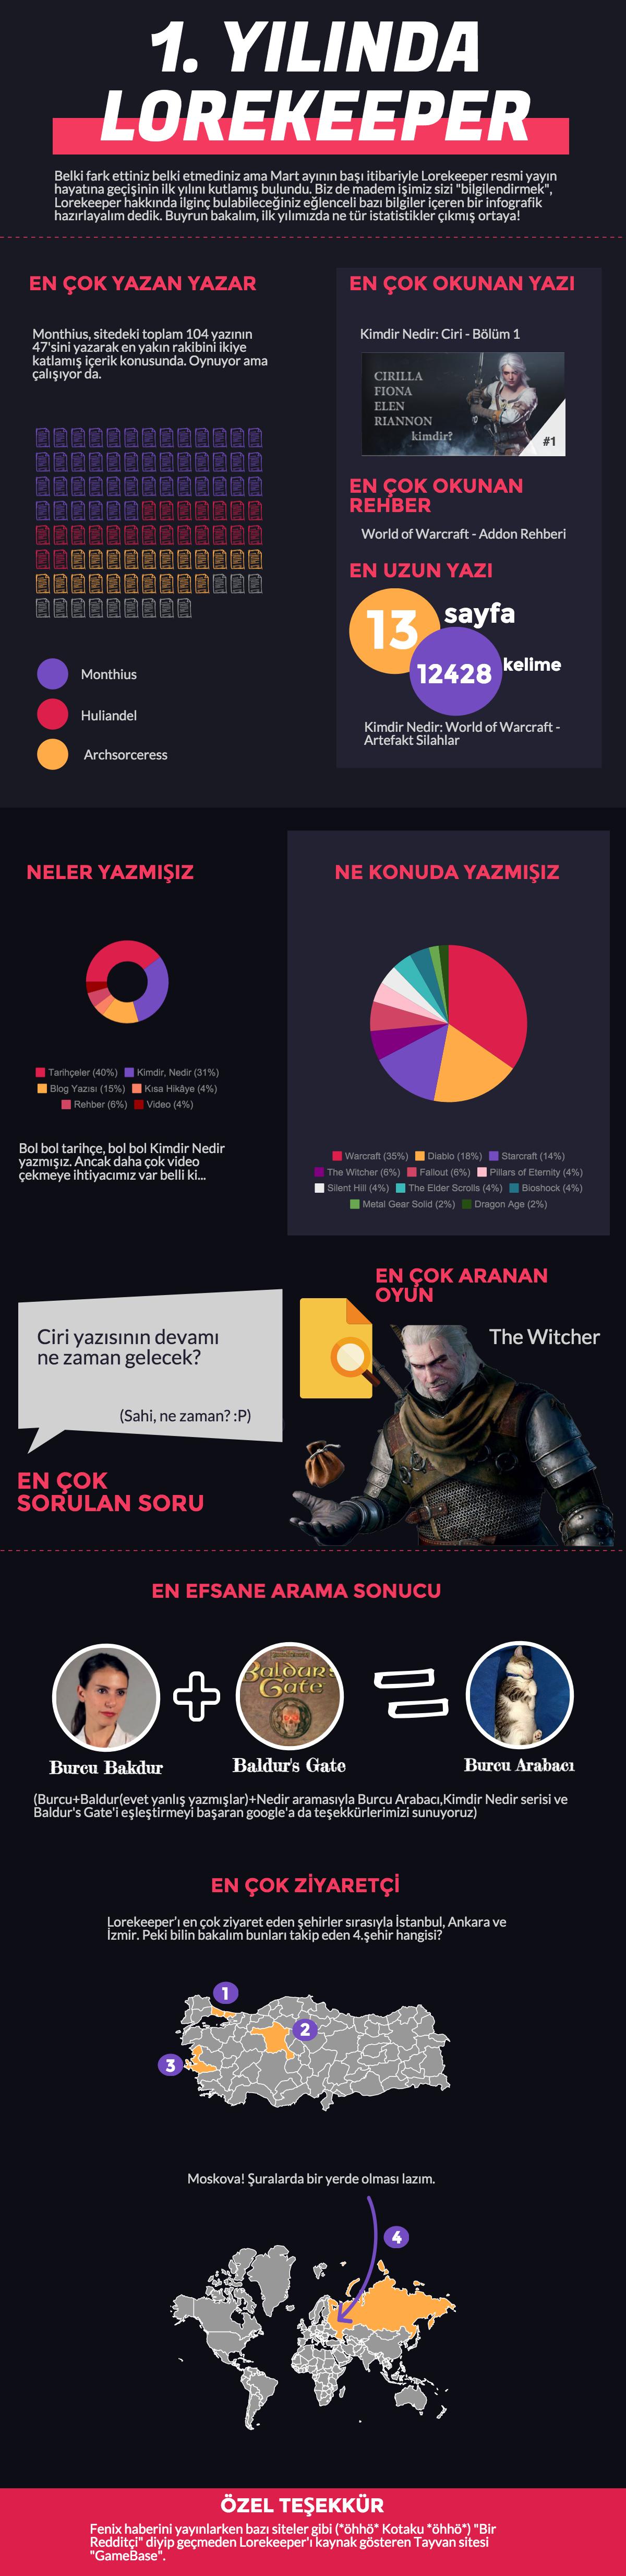 lorekeeper_infografik3